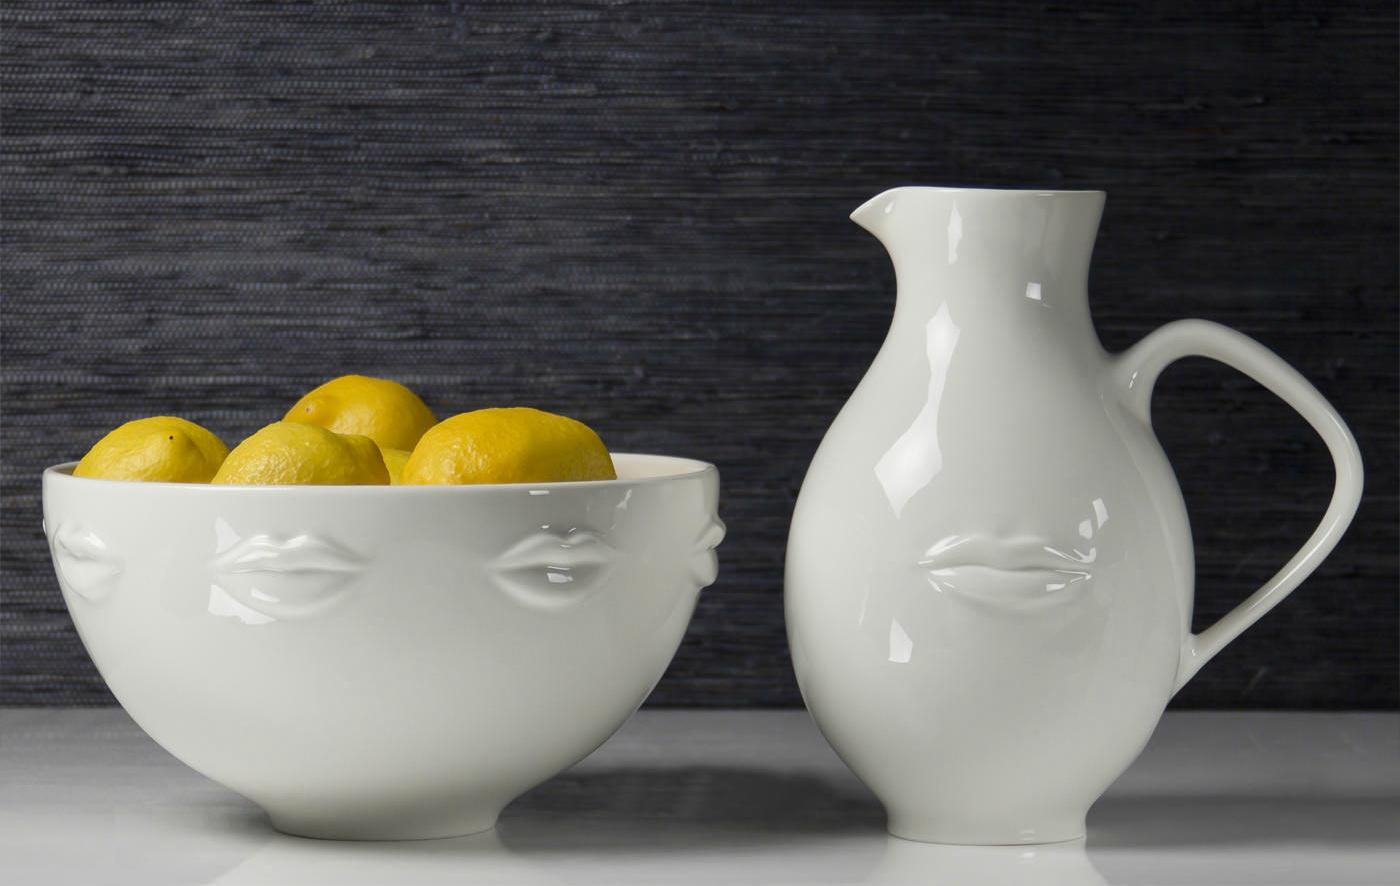 White lips pitcher